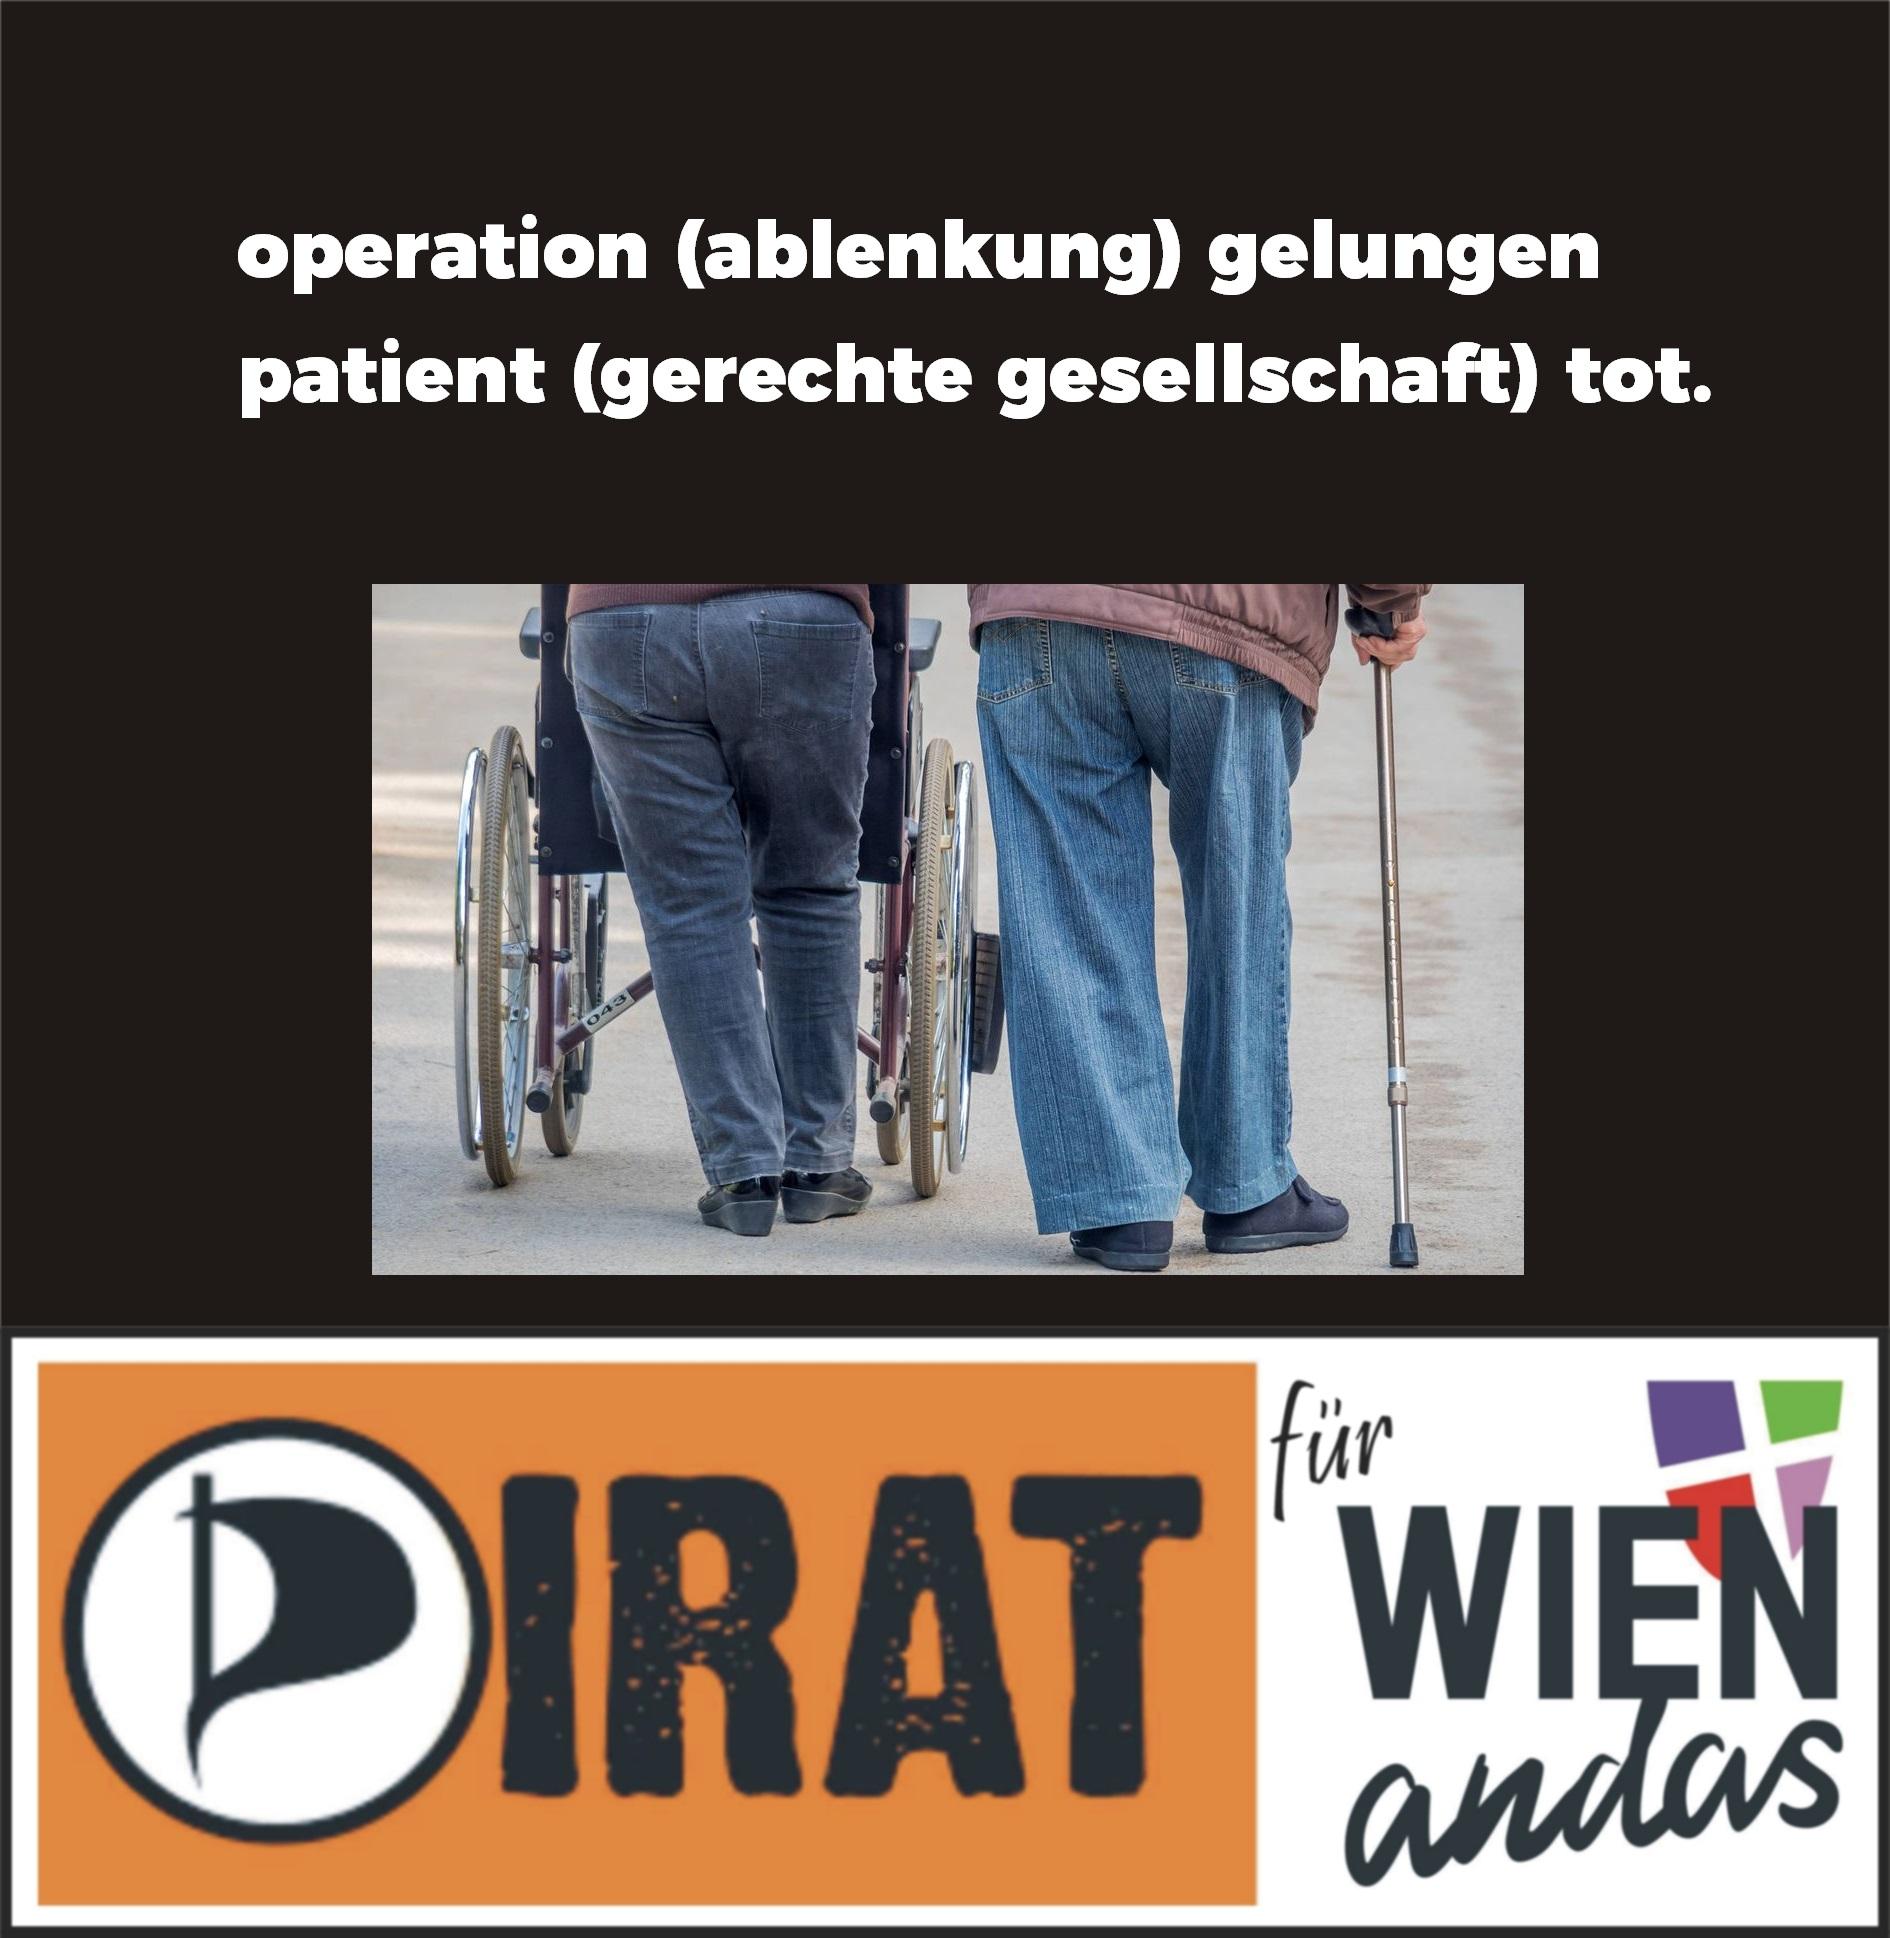 operation (ablenkung) gelungen – patient (gerechte gesellschaft) tot.